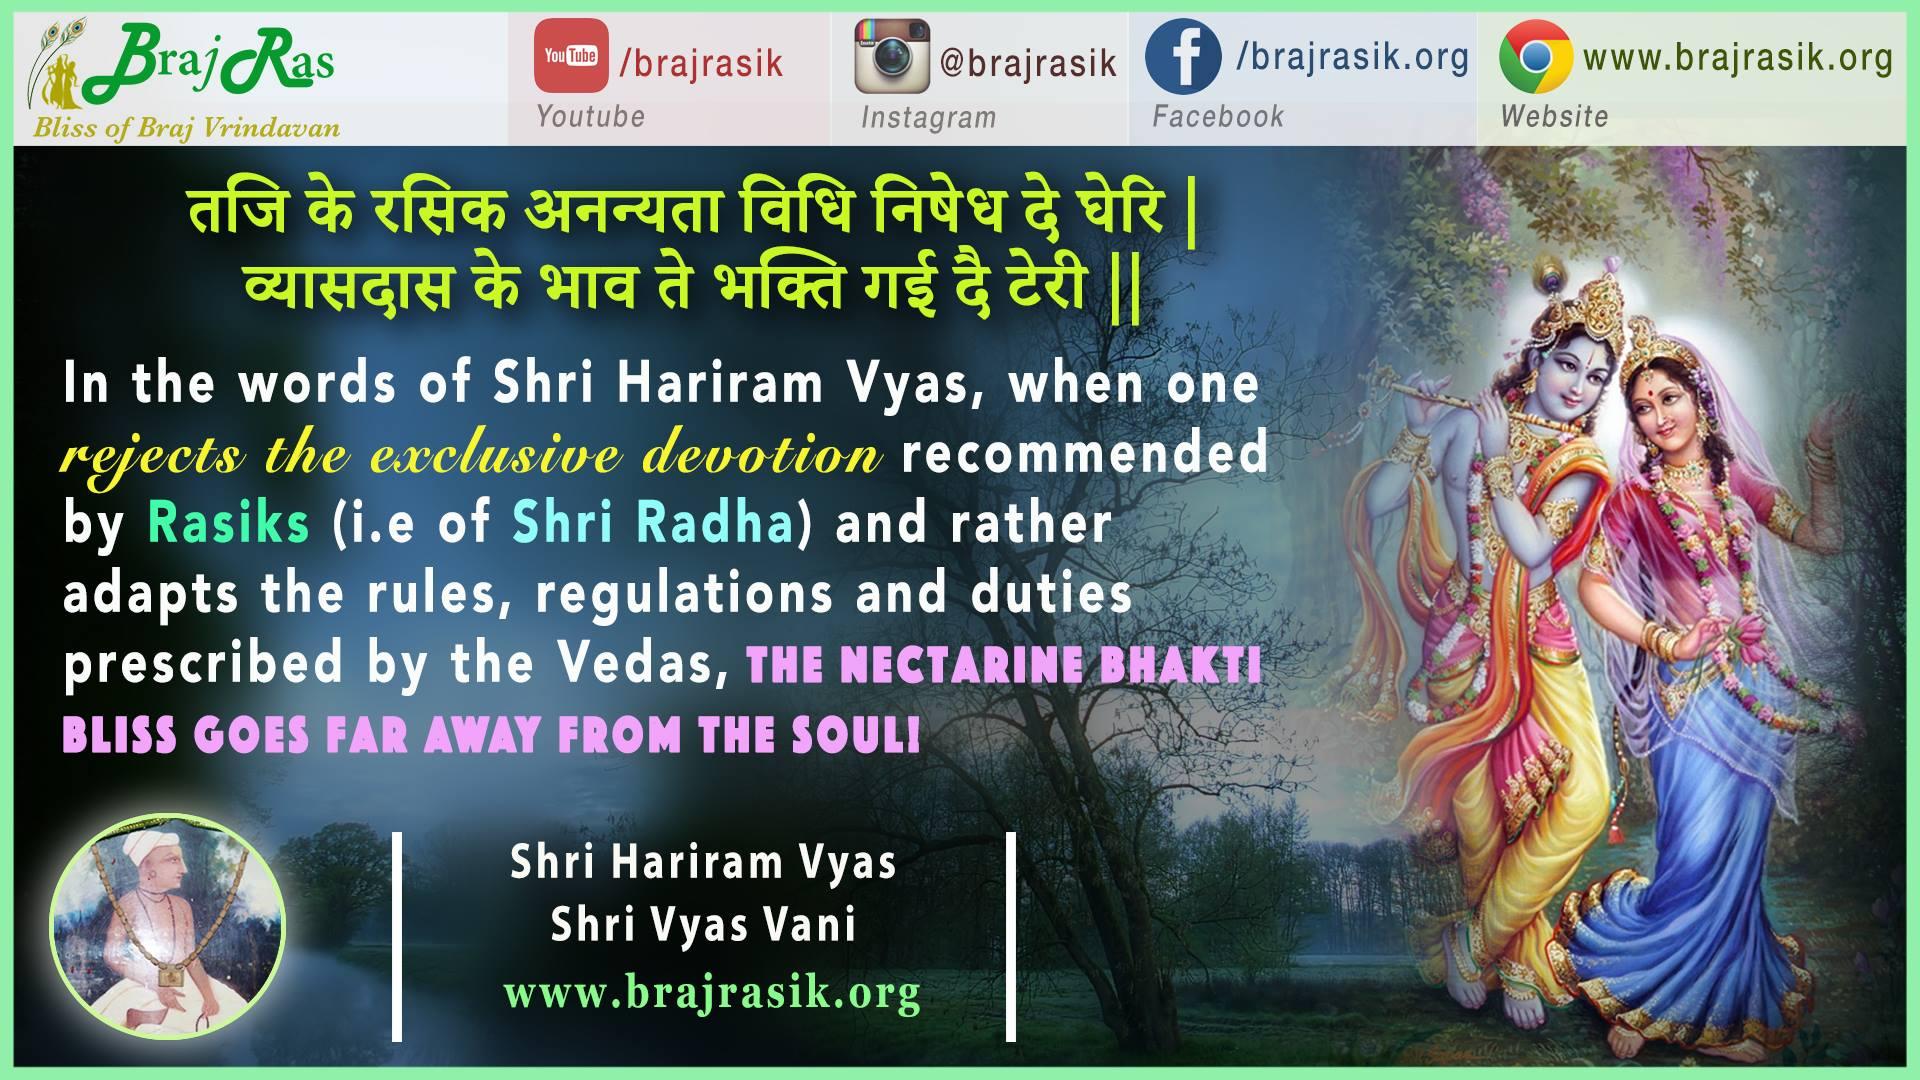 Taji Ke Rasik Ananyta Vidhi Nished De Gheri - Shri Hariram Vyas, Shri Vyas Vani